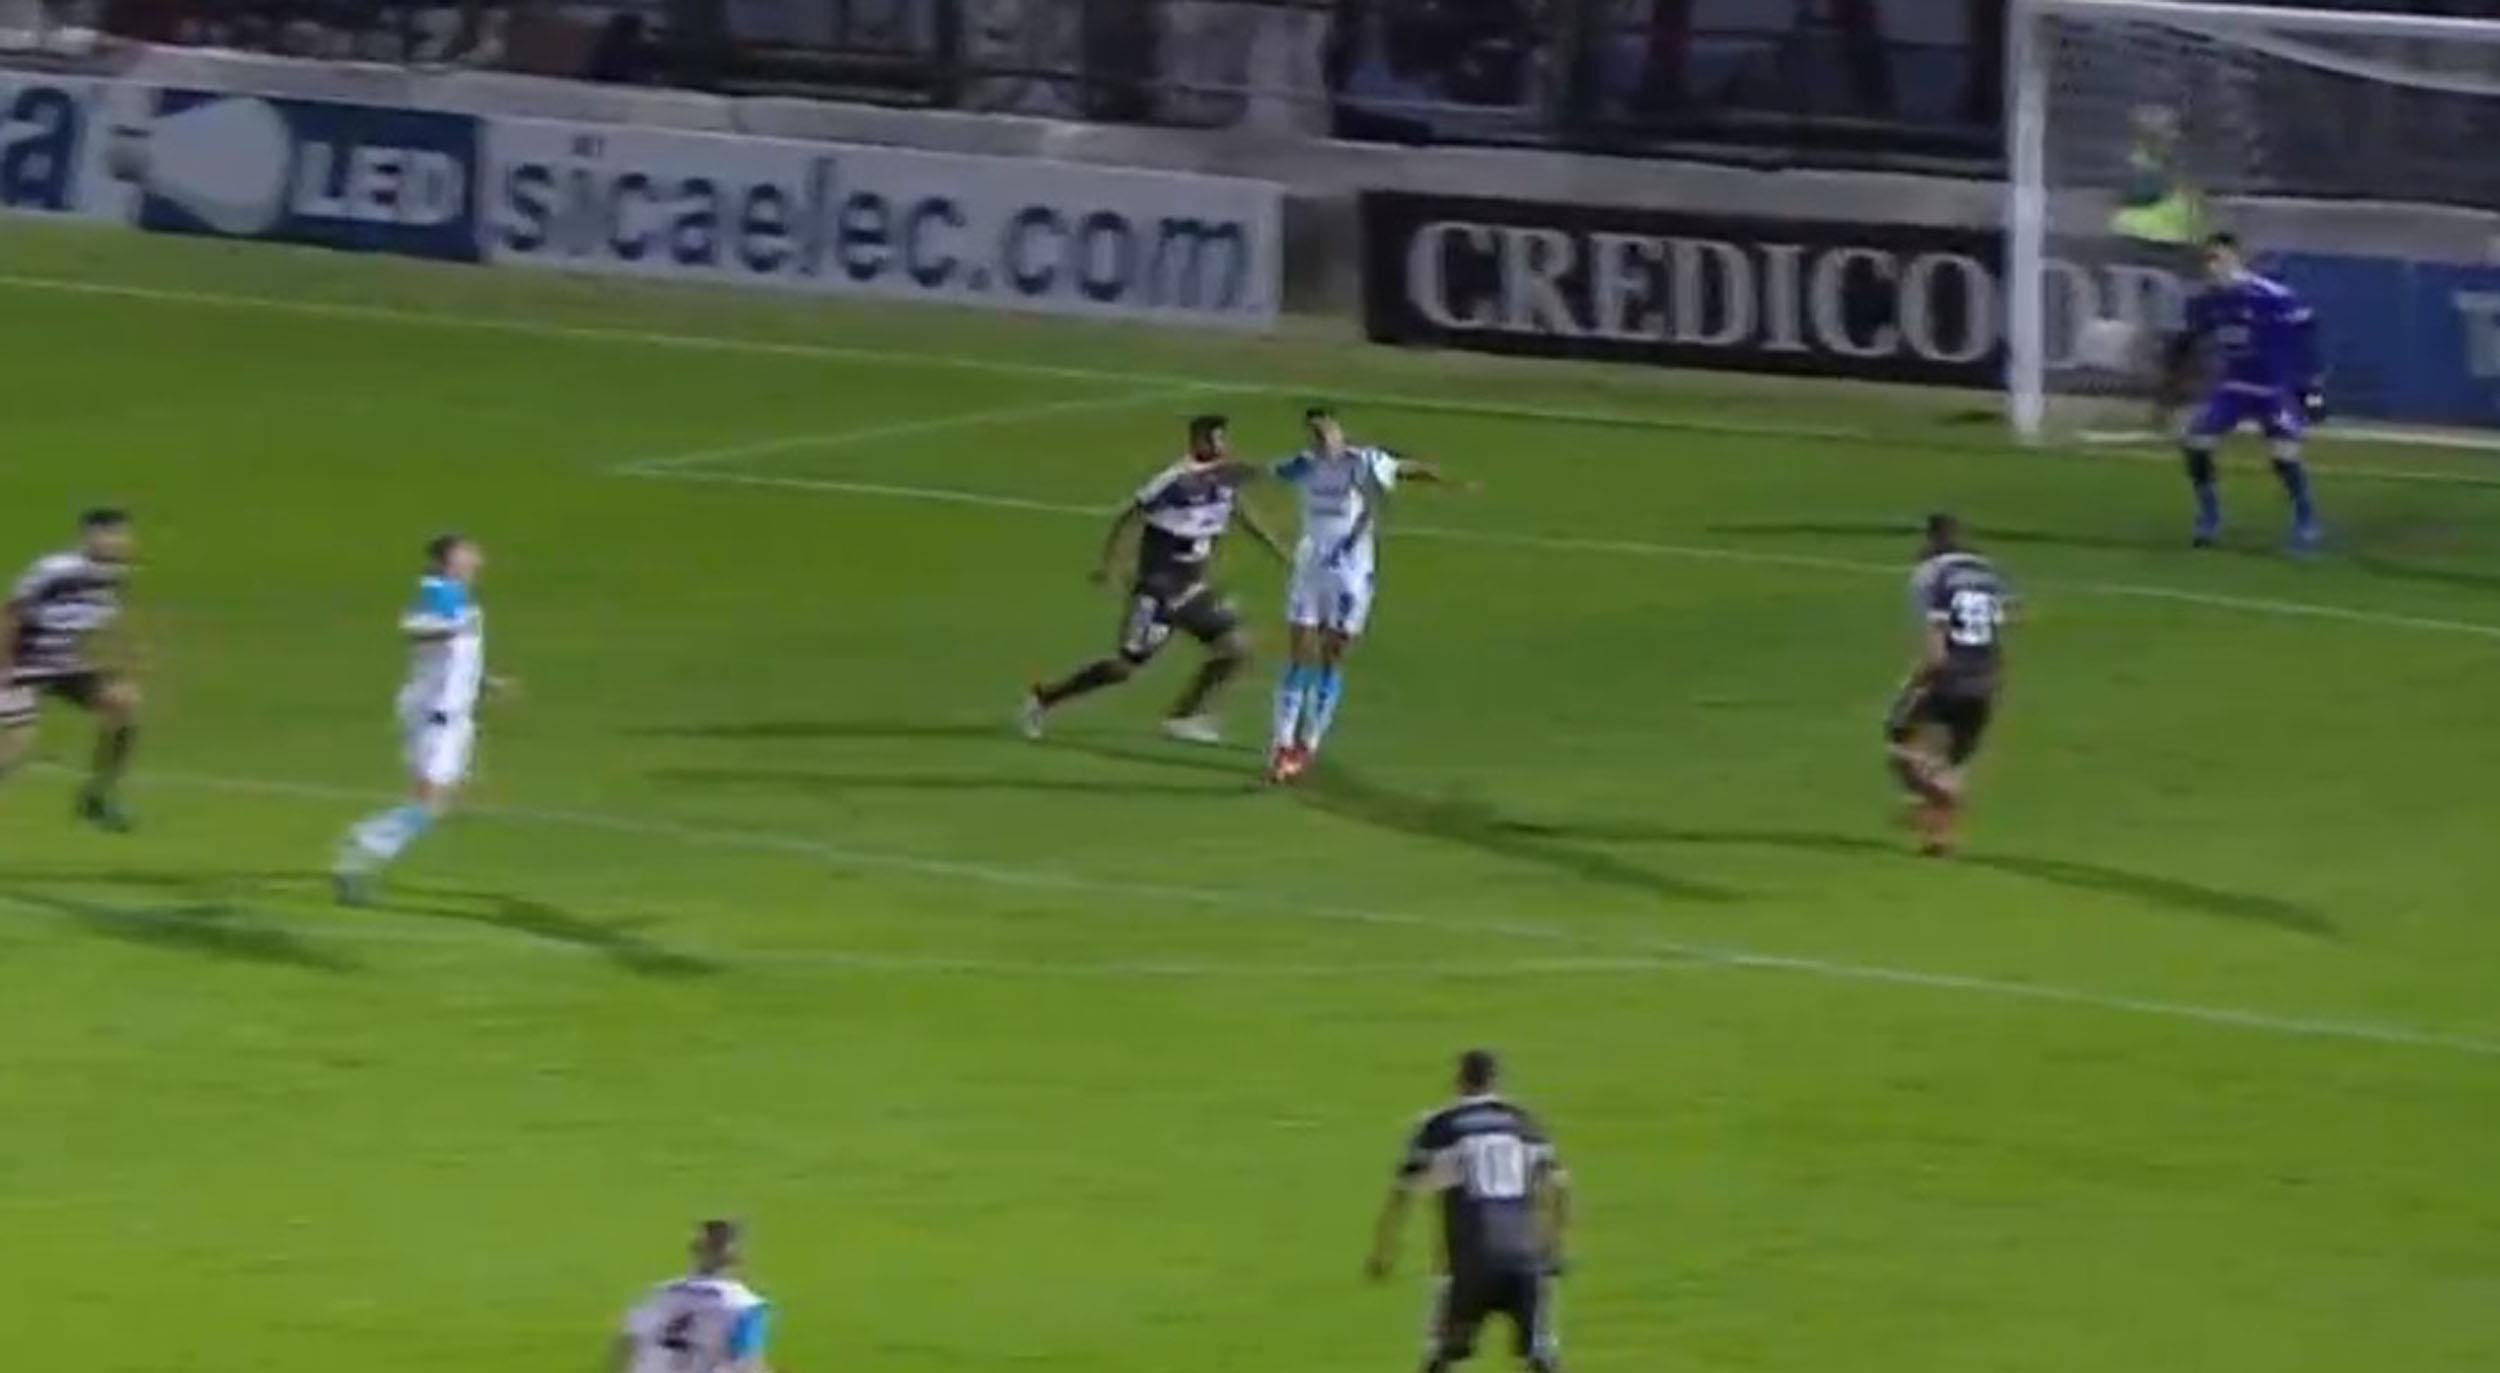 ¿Mano de Sequeira? El gol del empate que le anularon a Belgrano